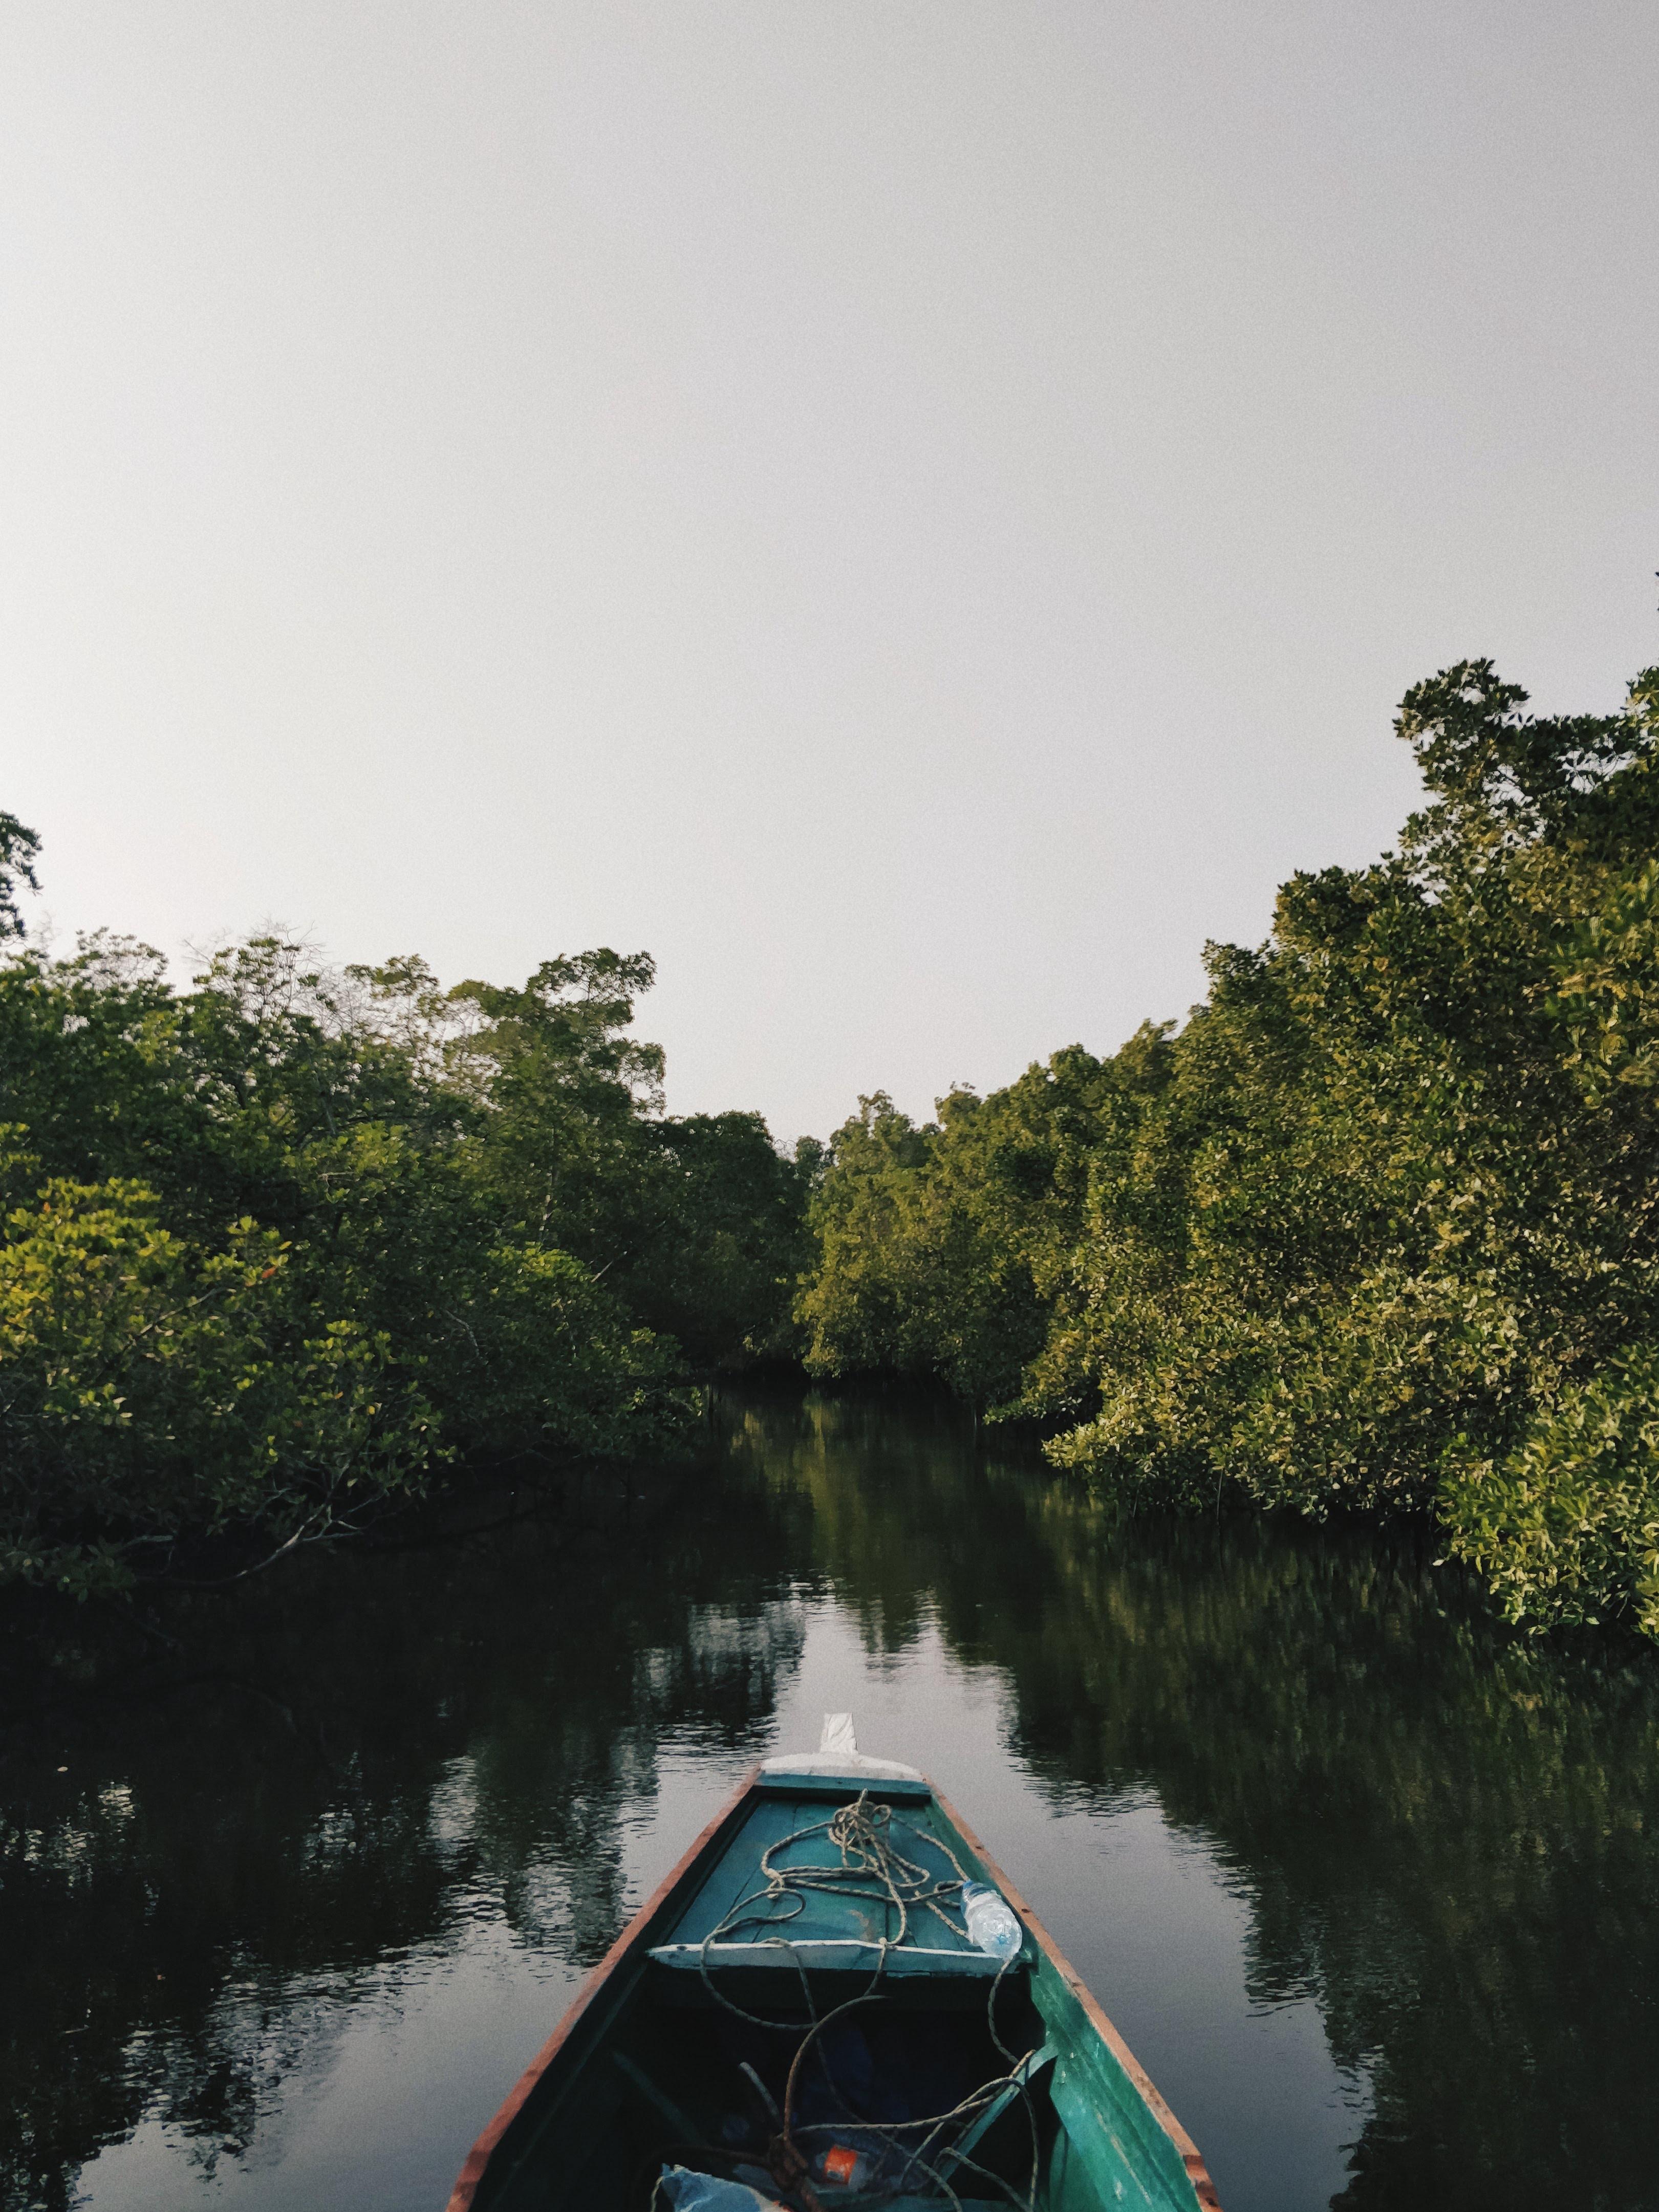 Sine Saloum Delta, Senegal